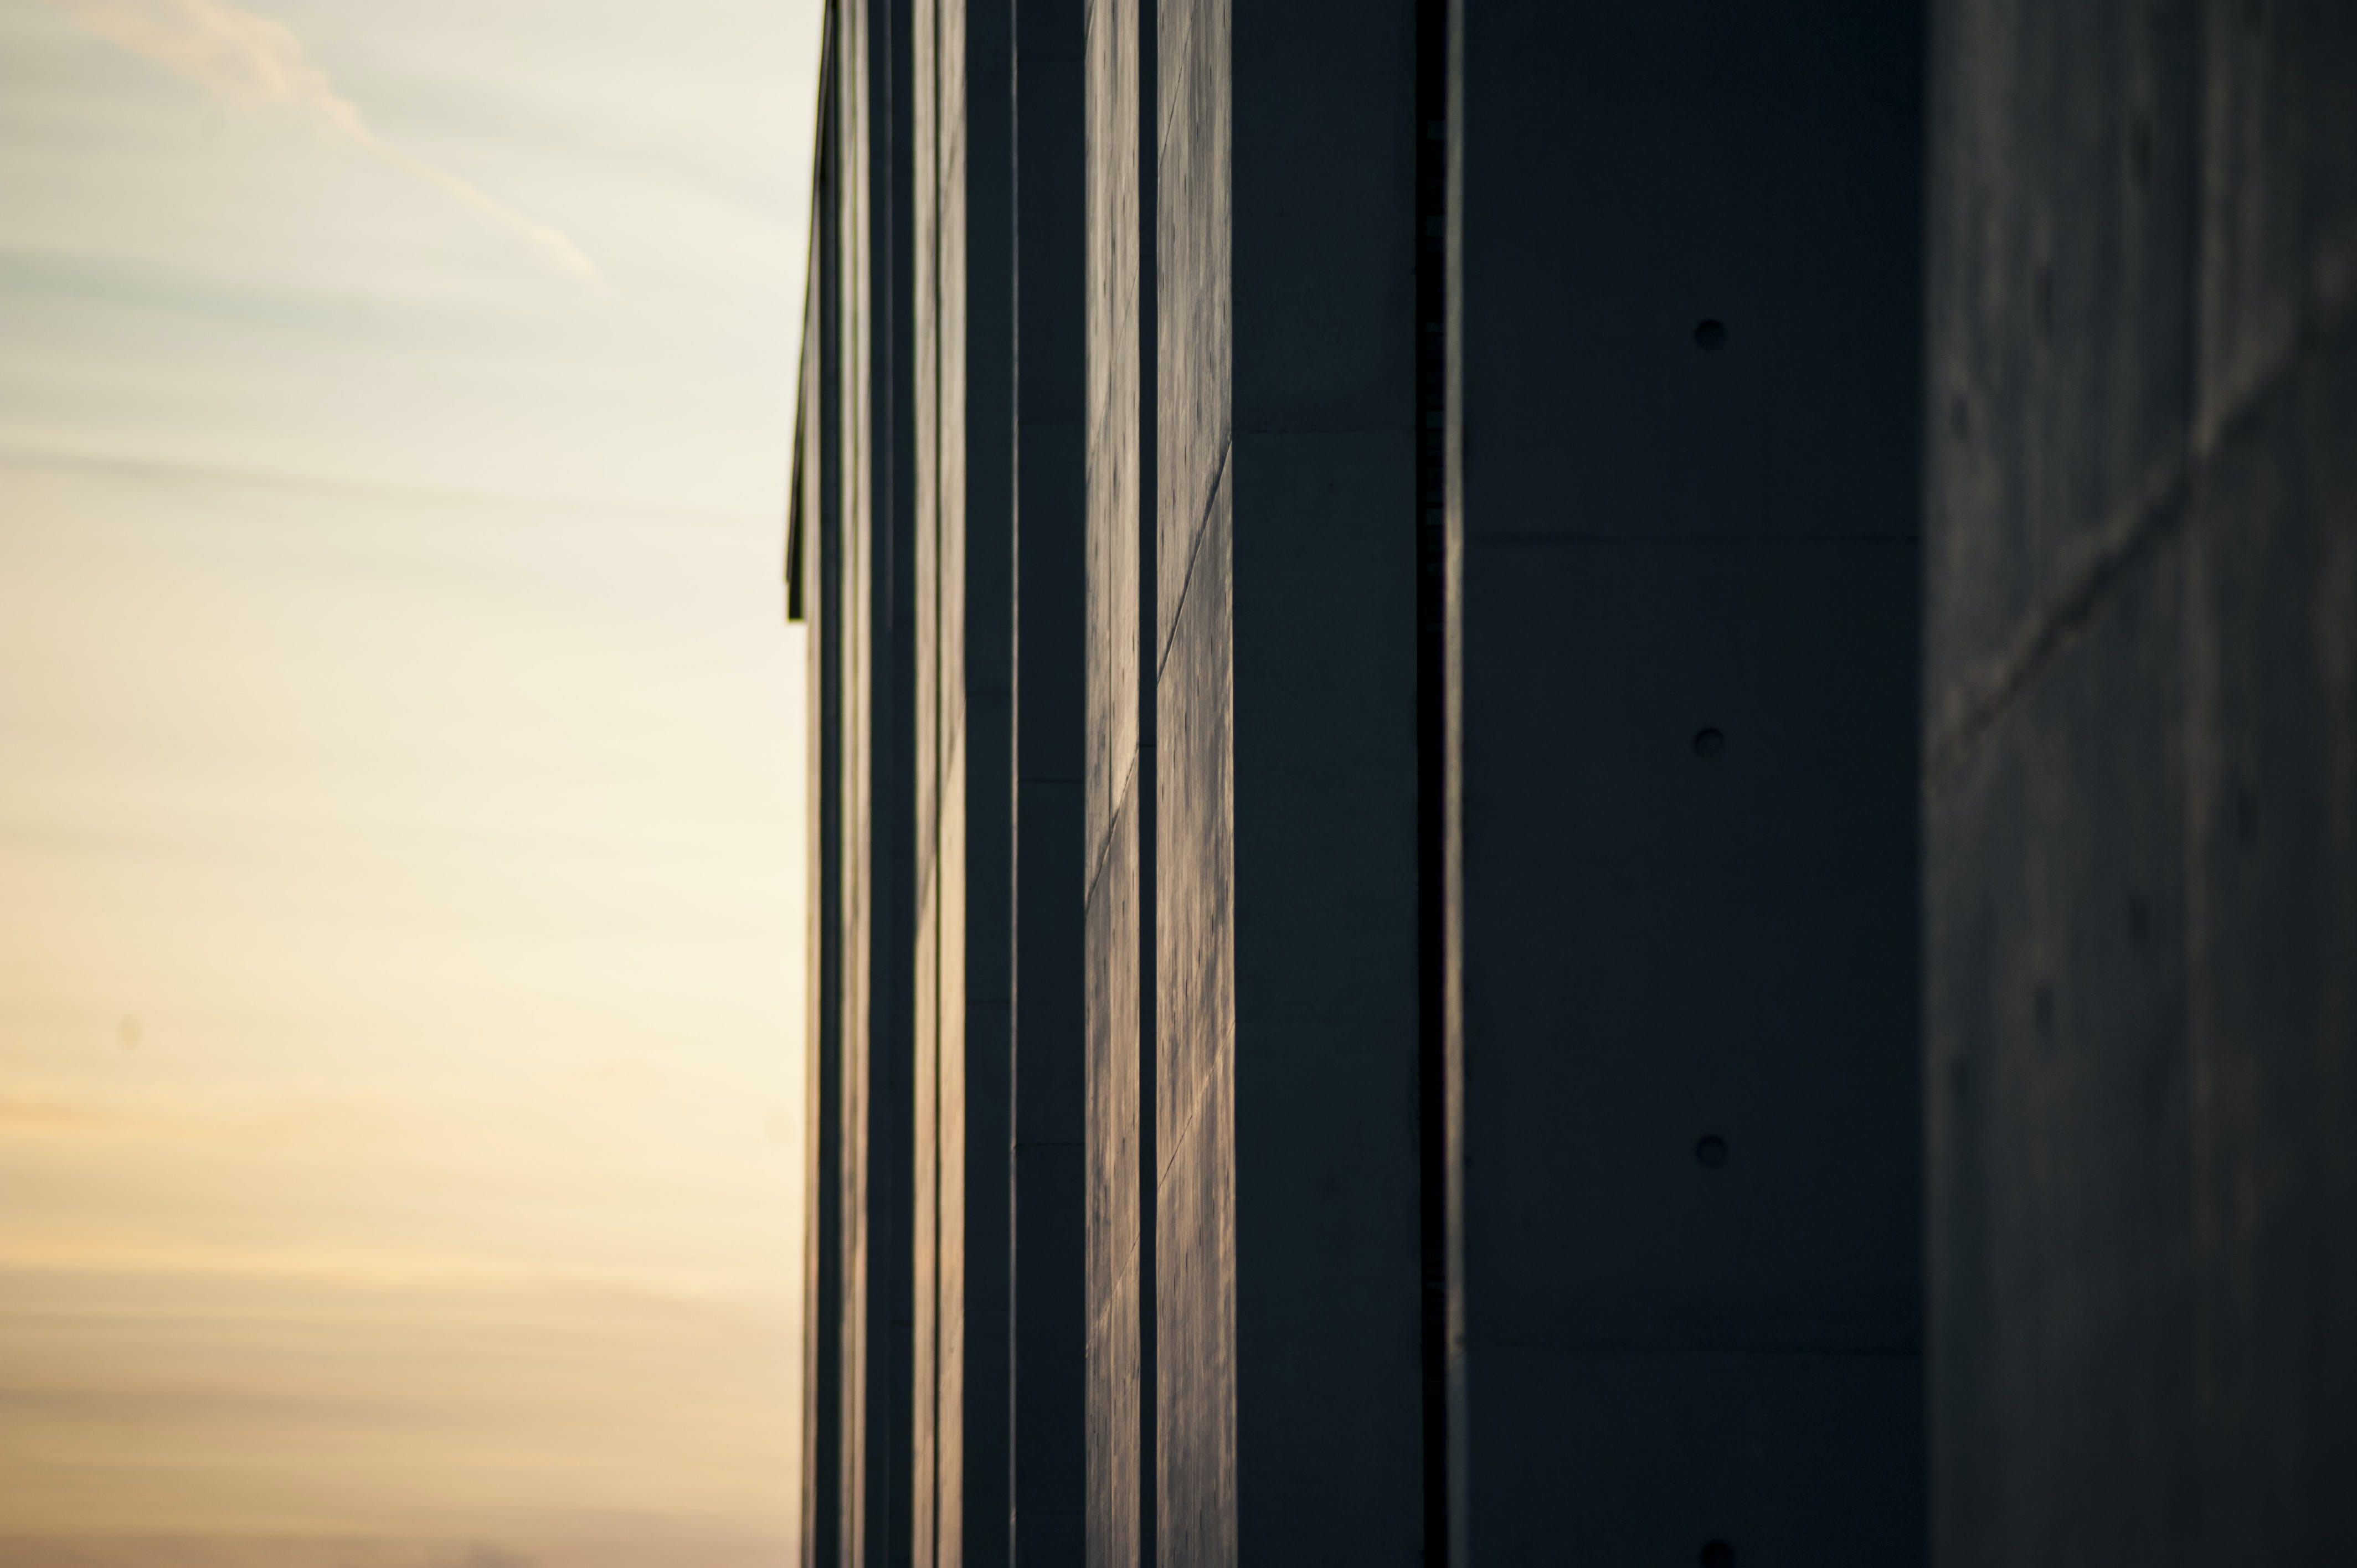 Kostenloses Stock Foto zu berlin, dämmerung, hinterleuchtet, reichstagsgebäude